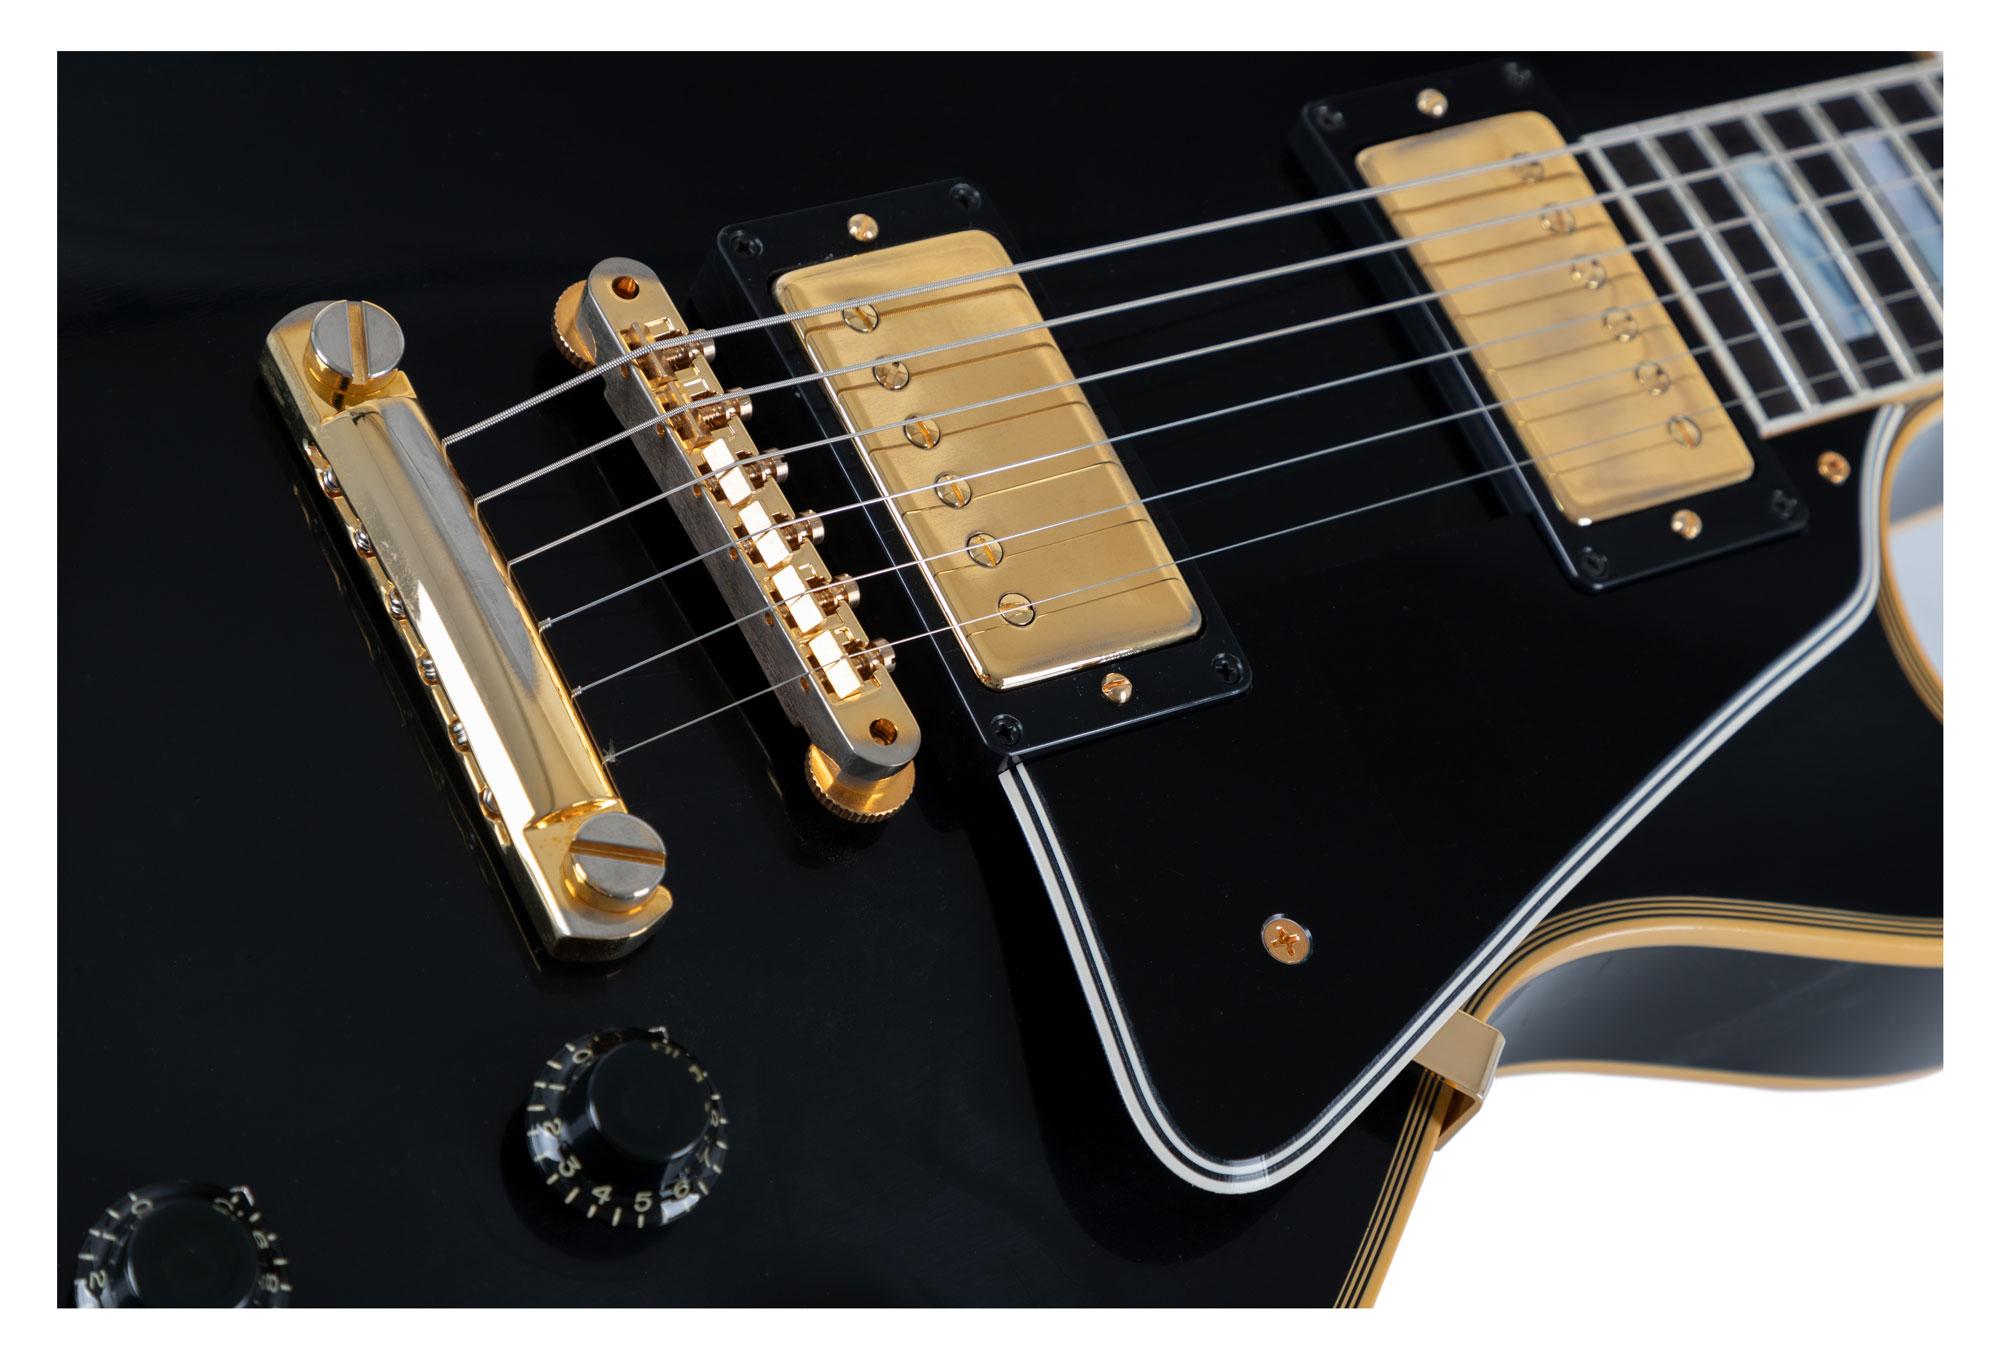 20 Stück Kippschalter Knöpfe Tip Cap Tasten für E-Gitarre Teile